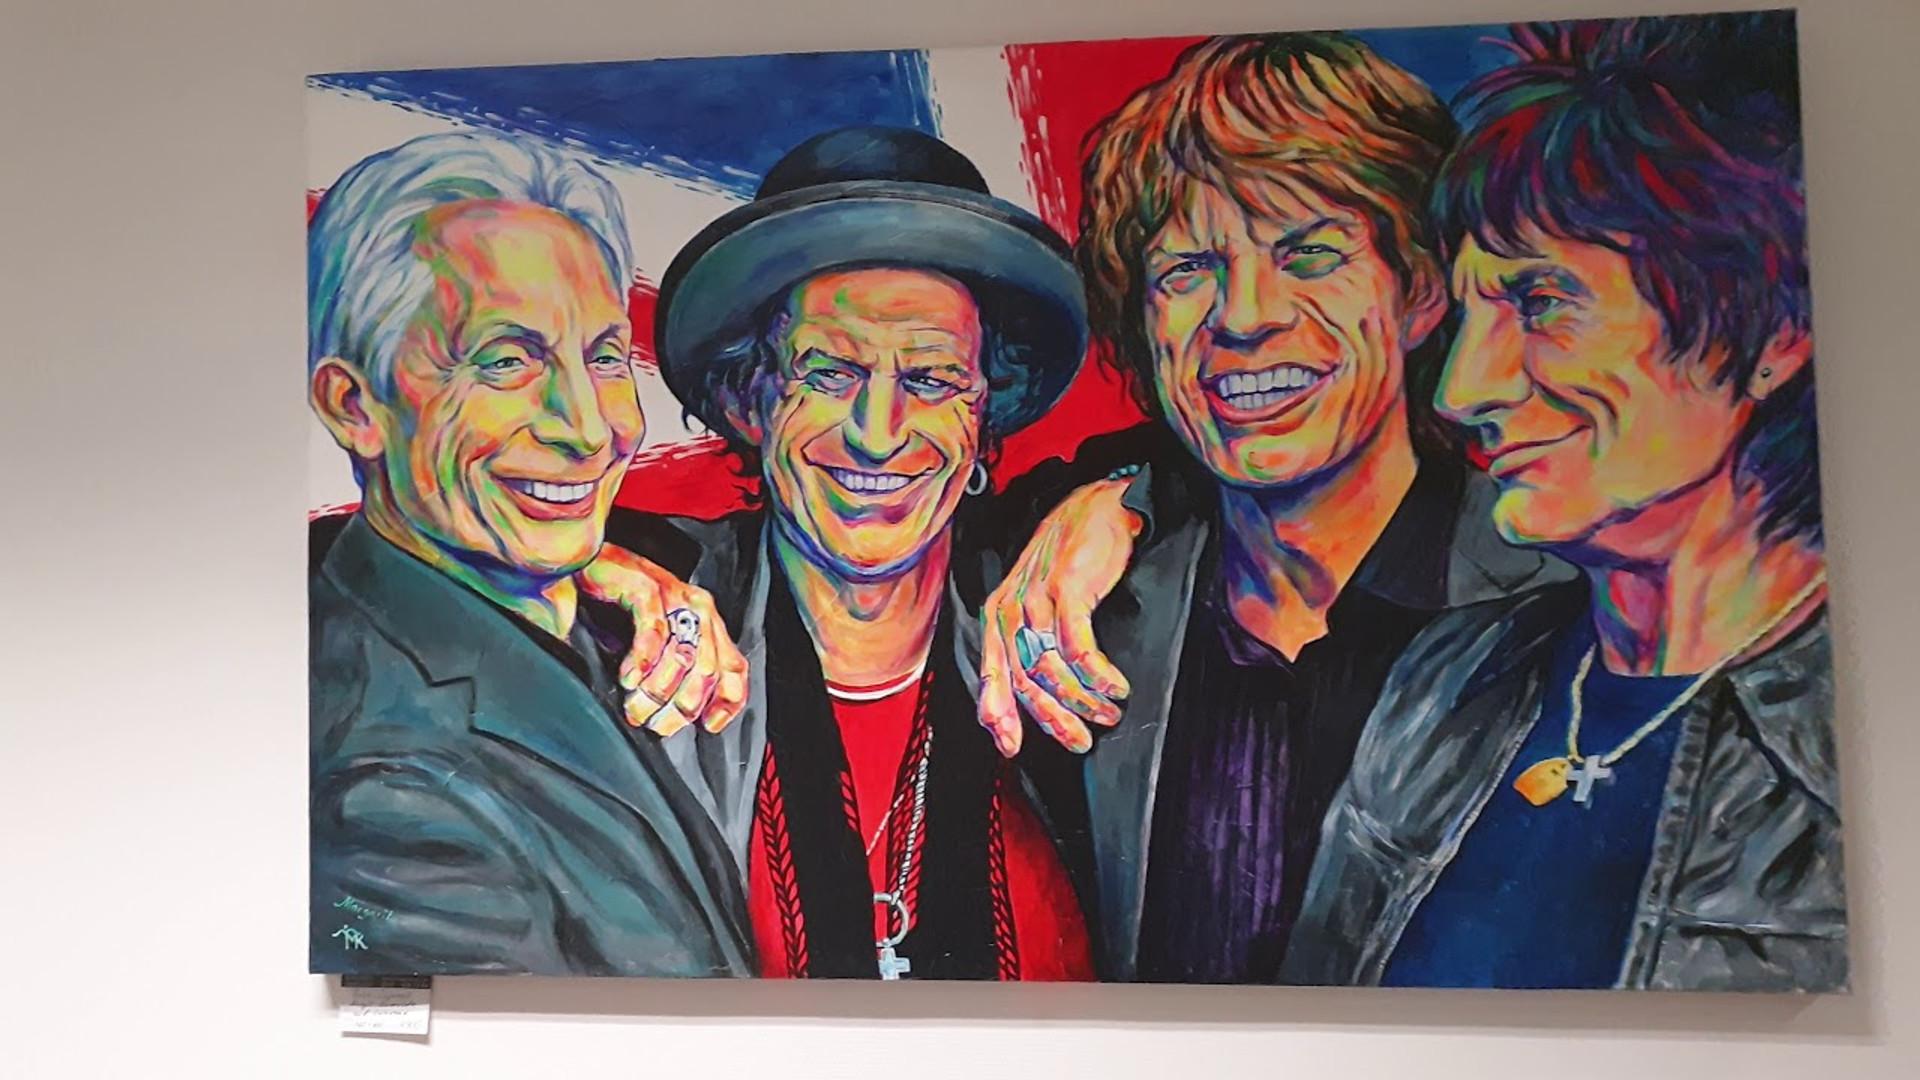 Midissage - Pop Art Gallery Margarita bei der HASPA Rahlstedt